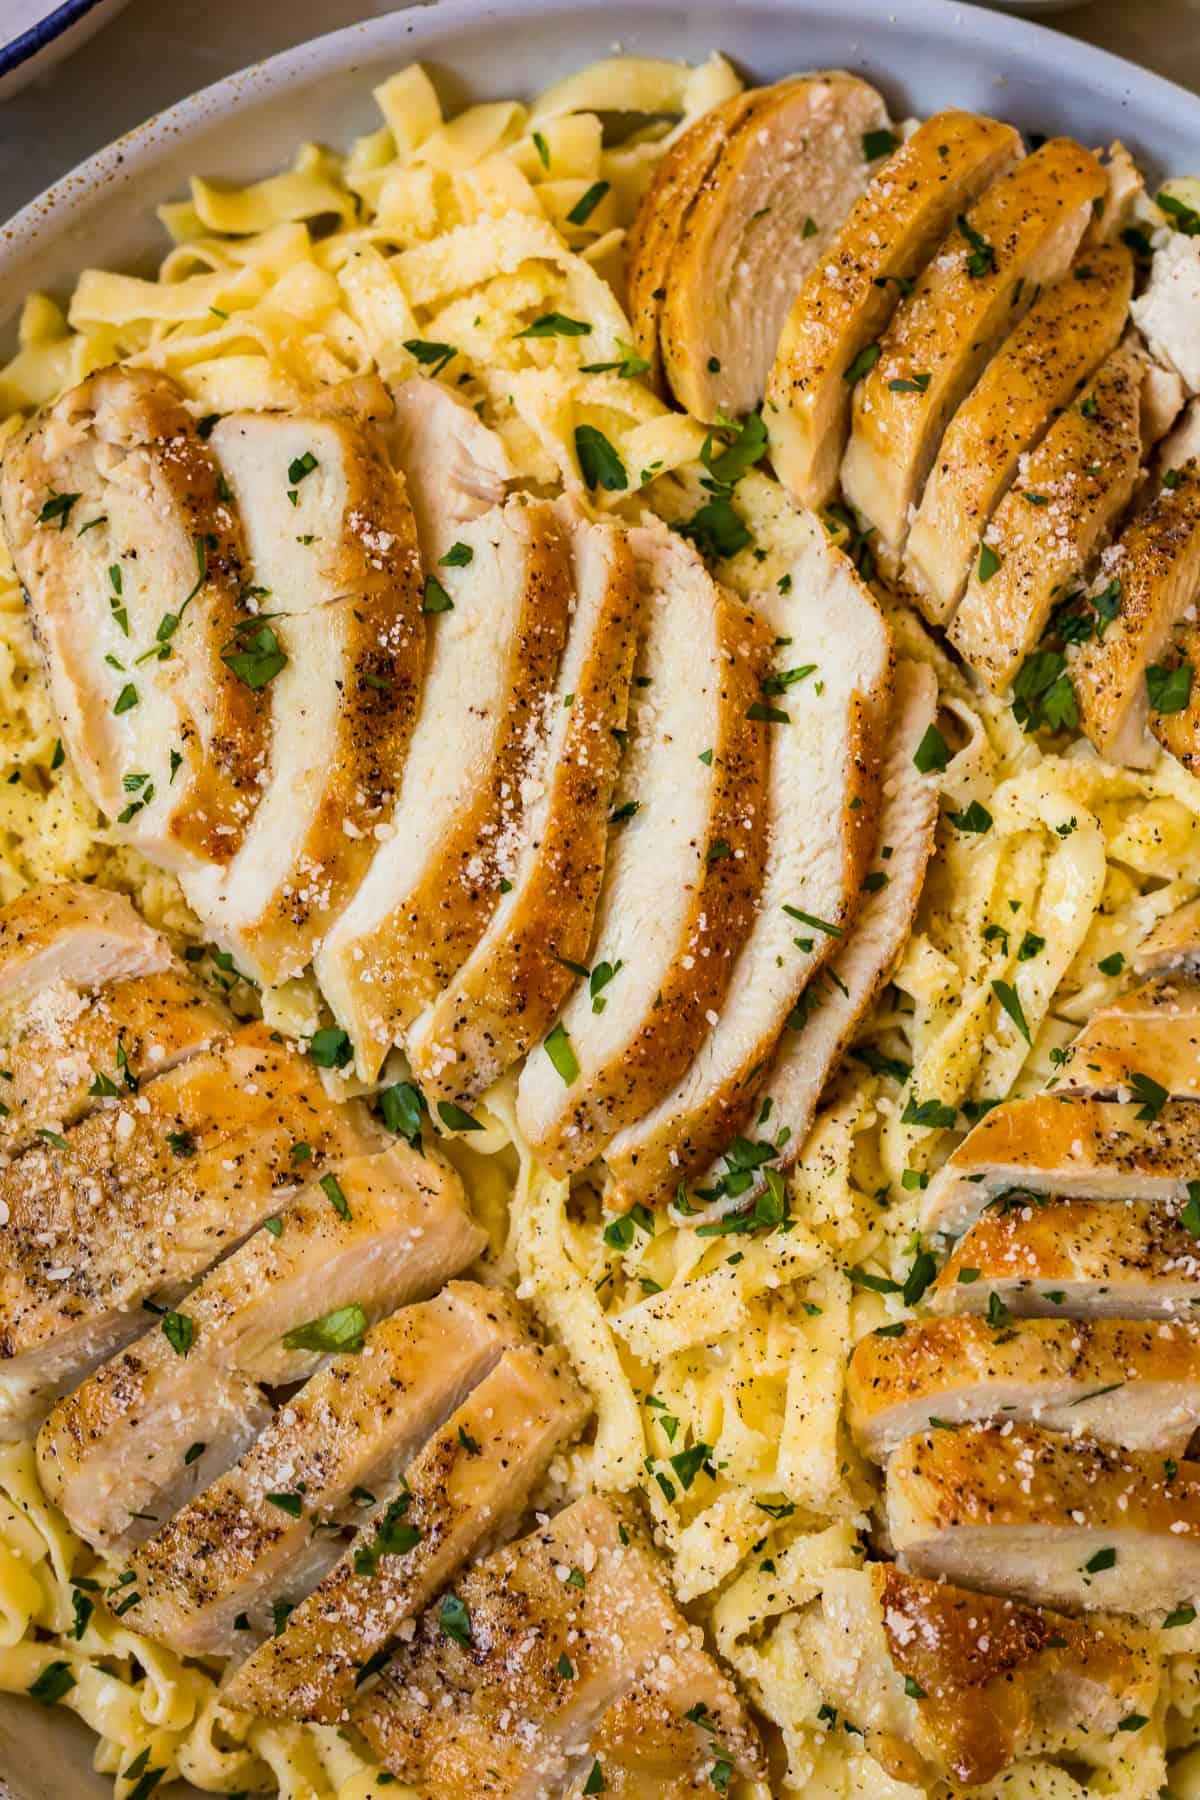 Chicken alfredo  garnished with fresh herbs